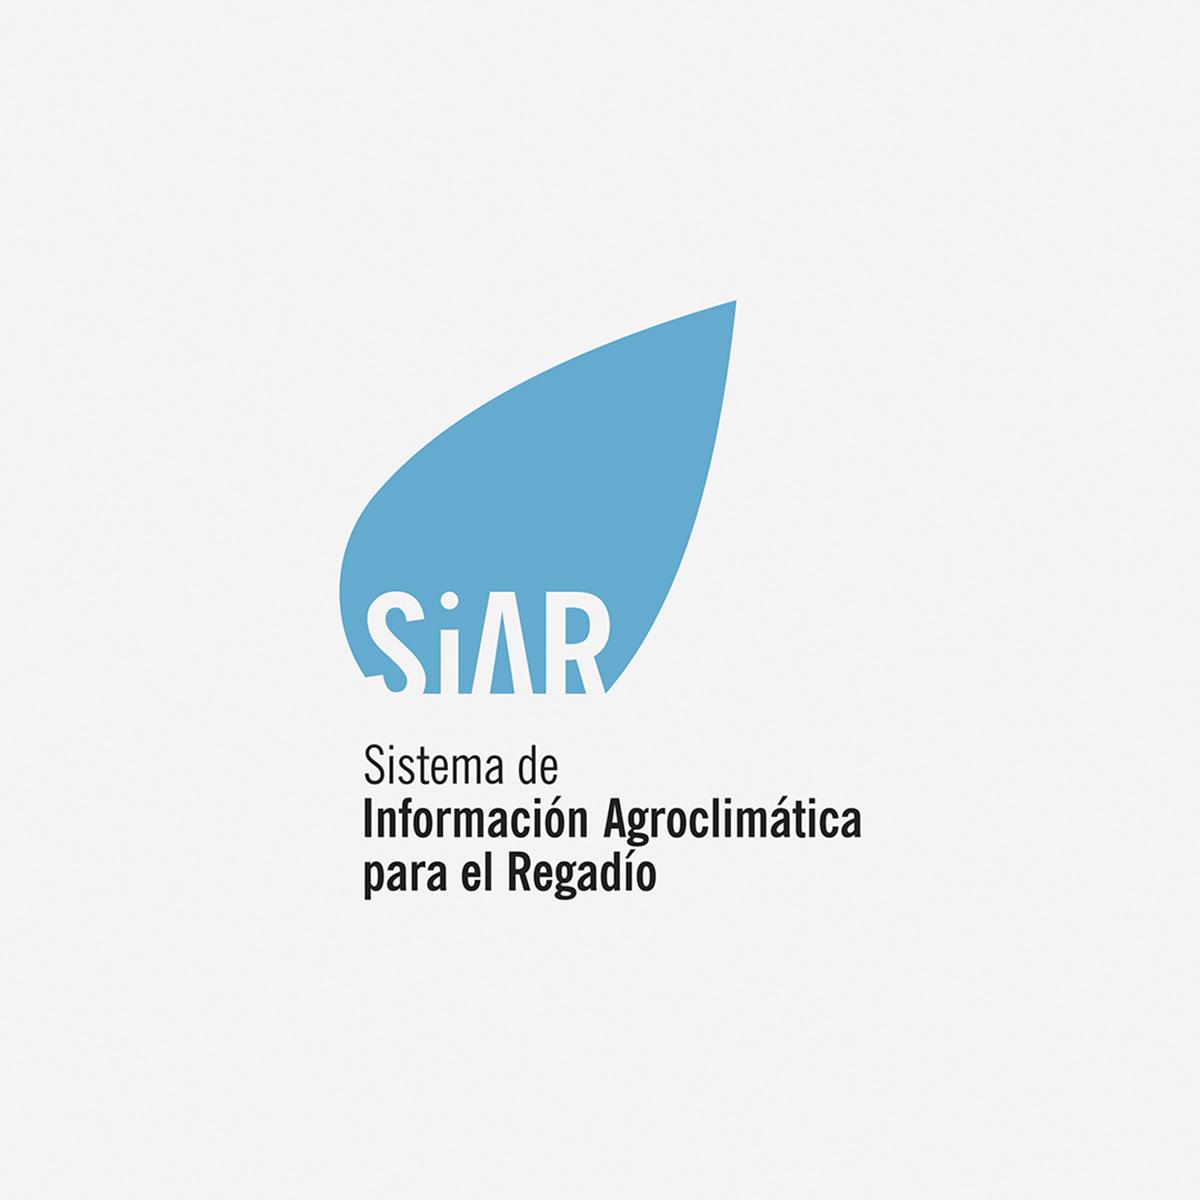 SiAR Logotipo, diseñado por Goyo Rodríguez